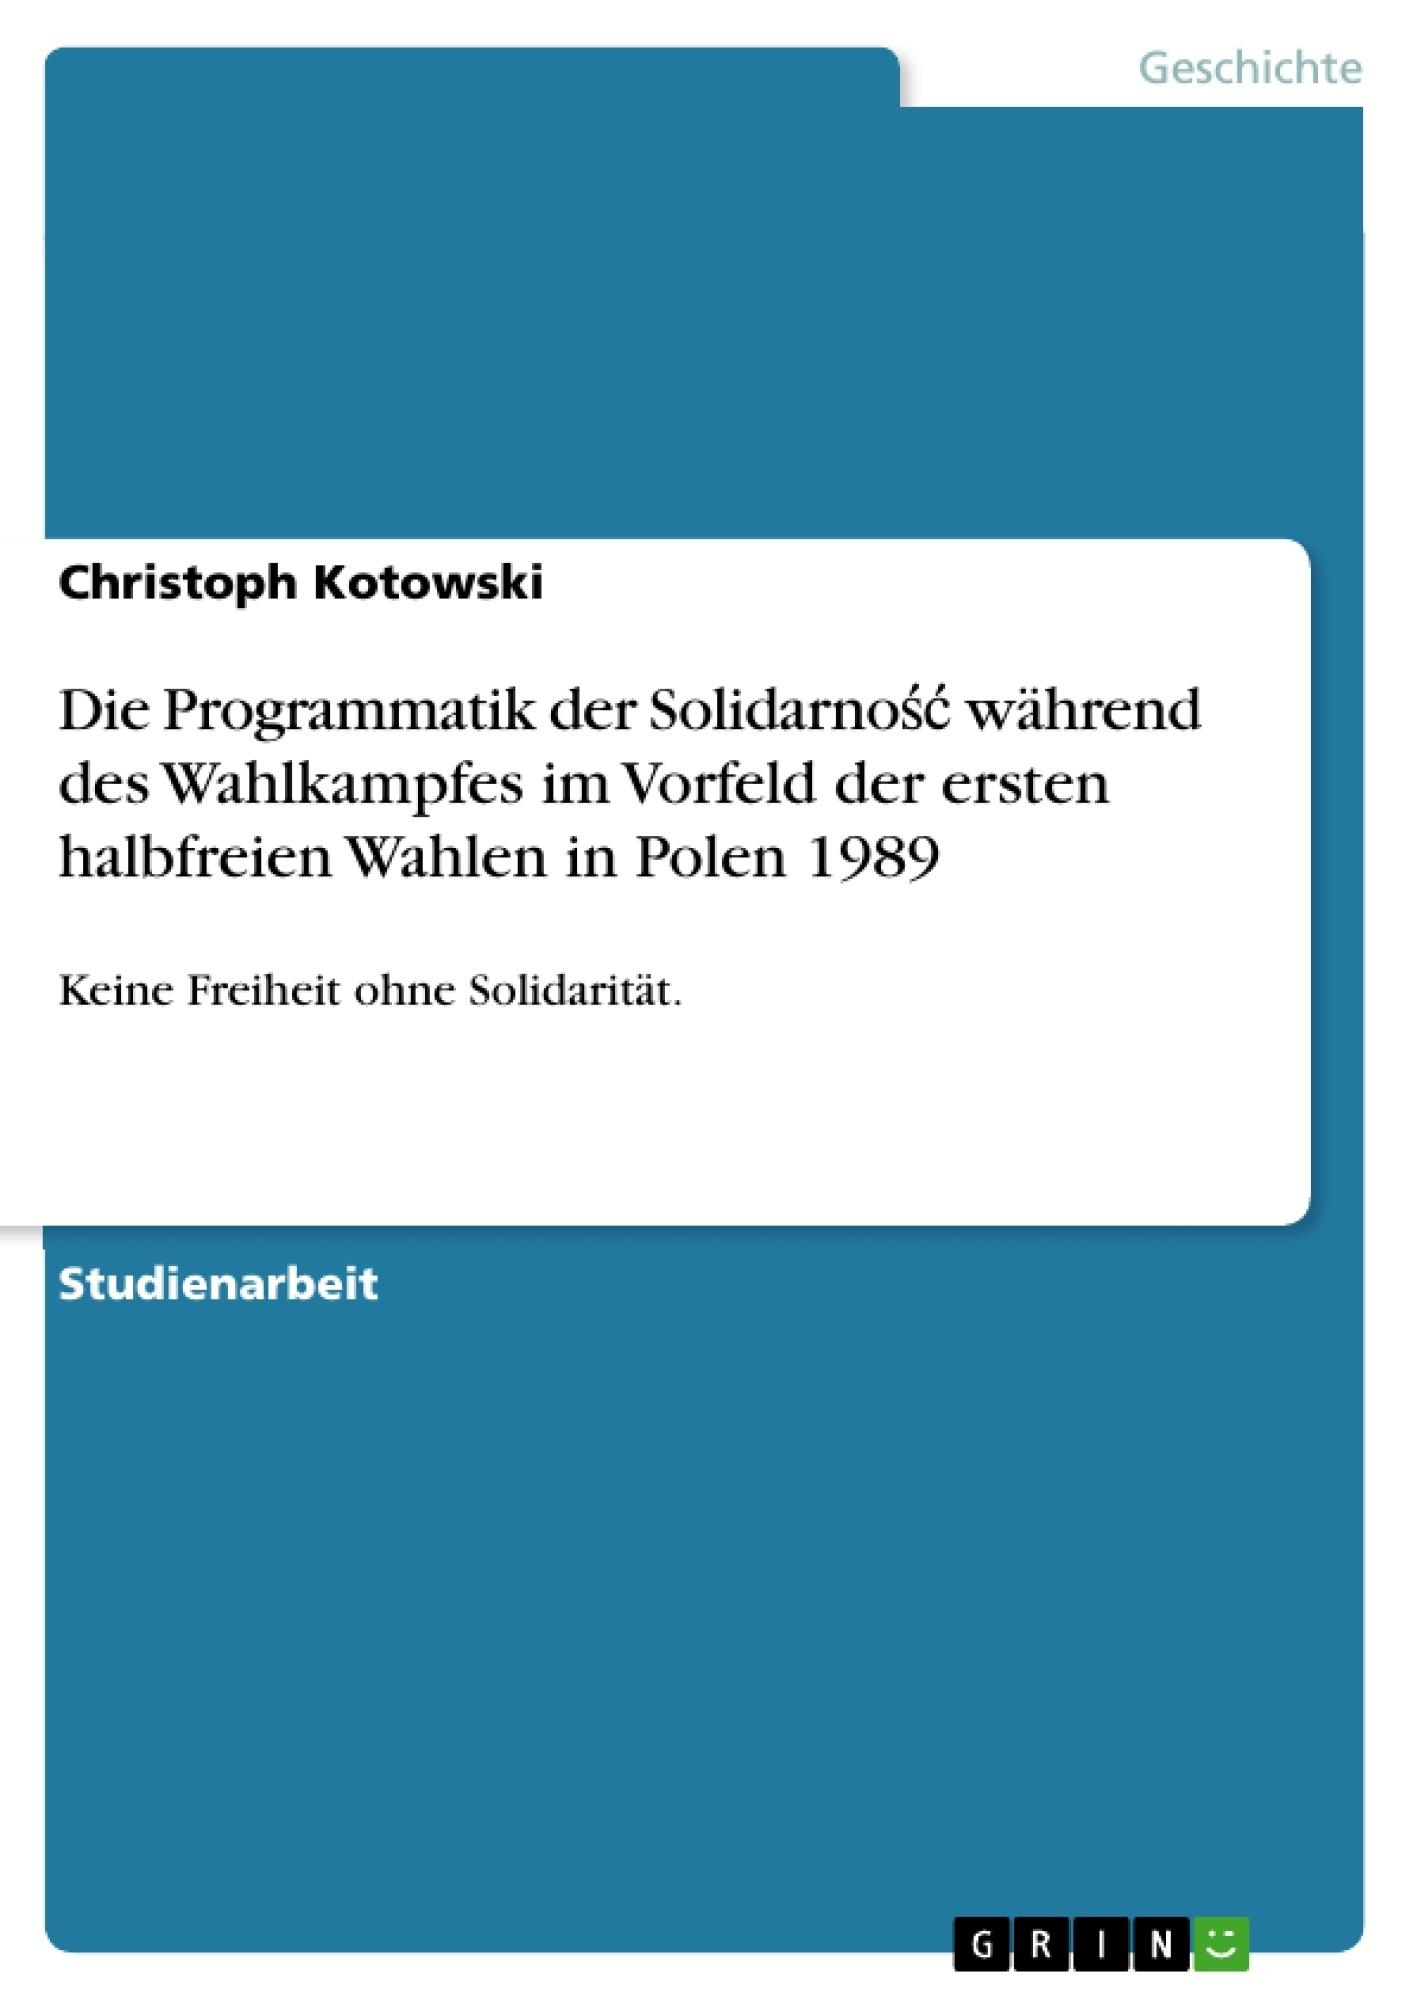 Titel: Die Programmatik der Solidarność während des Wahlkampfes im Vorfeld der ersten halbfreien Wahlen in Polen 1989